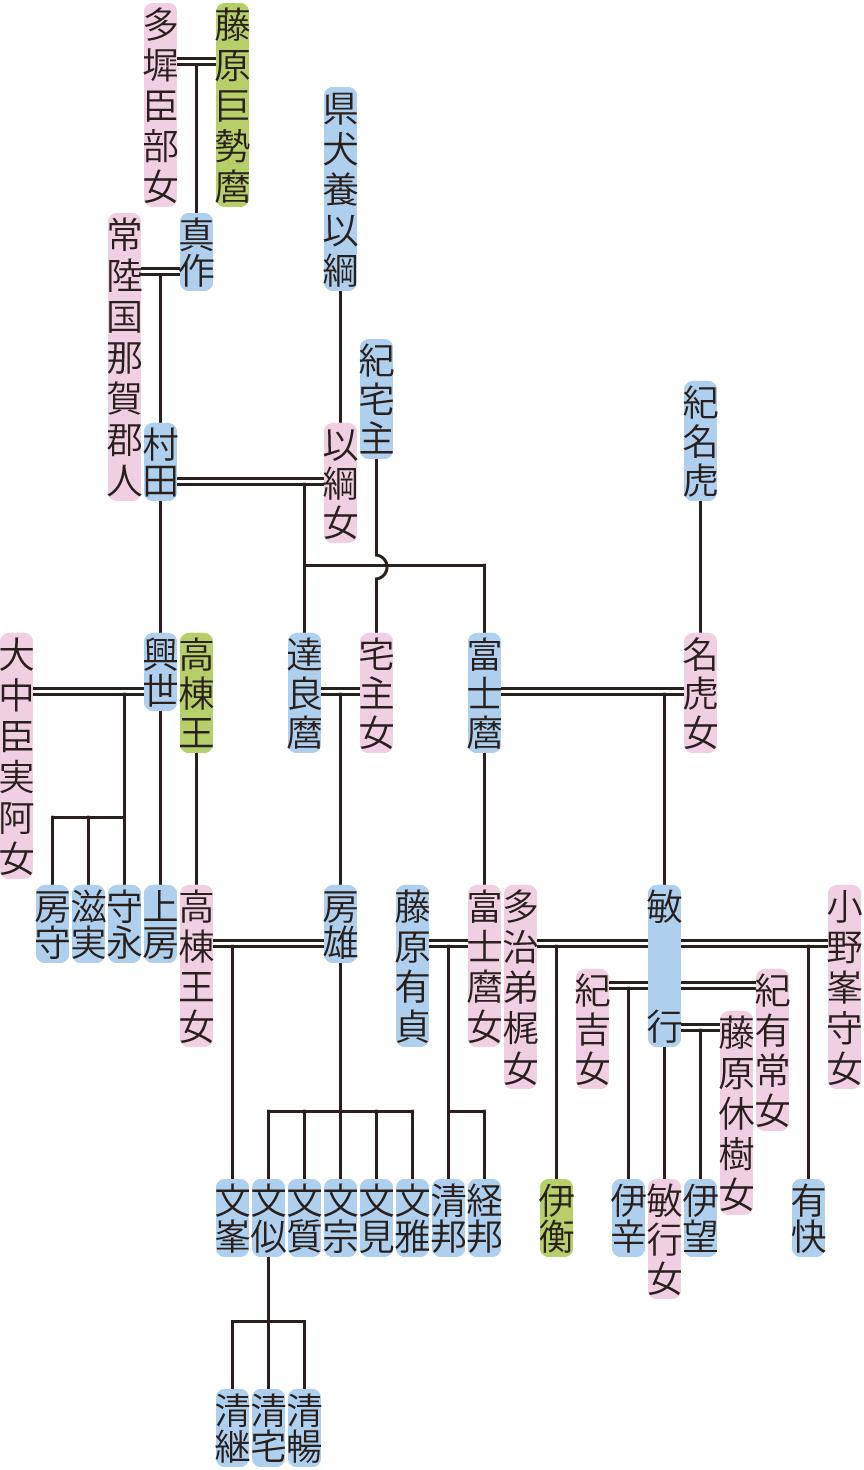 藤原村田・富士麿の系図